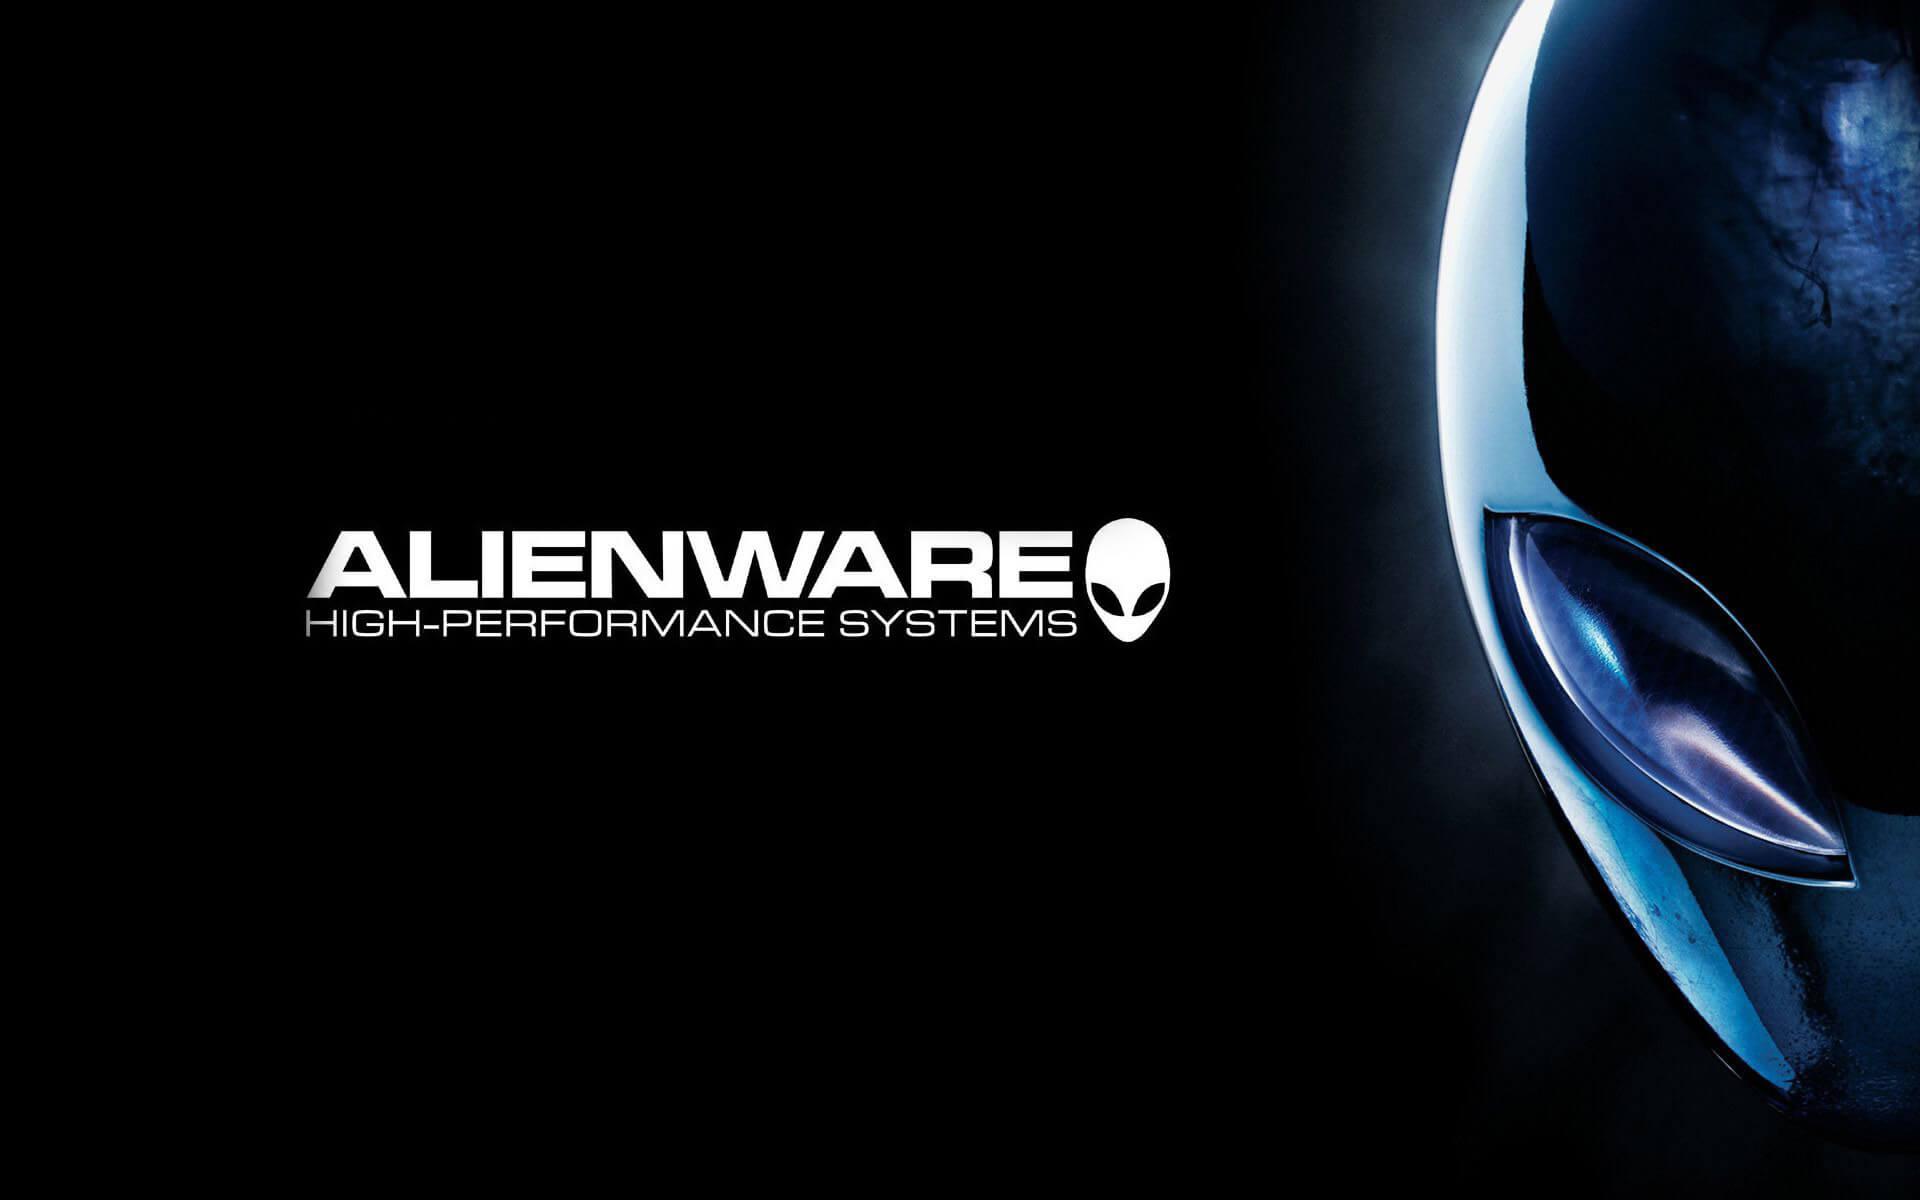 Dell atualiza Alienware no Brasil com série 10 de placas de vídeo NVIDIA